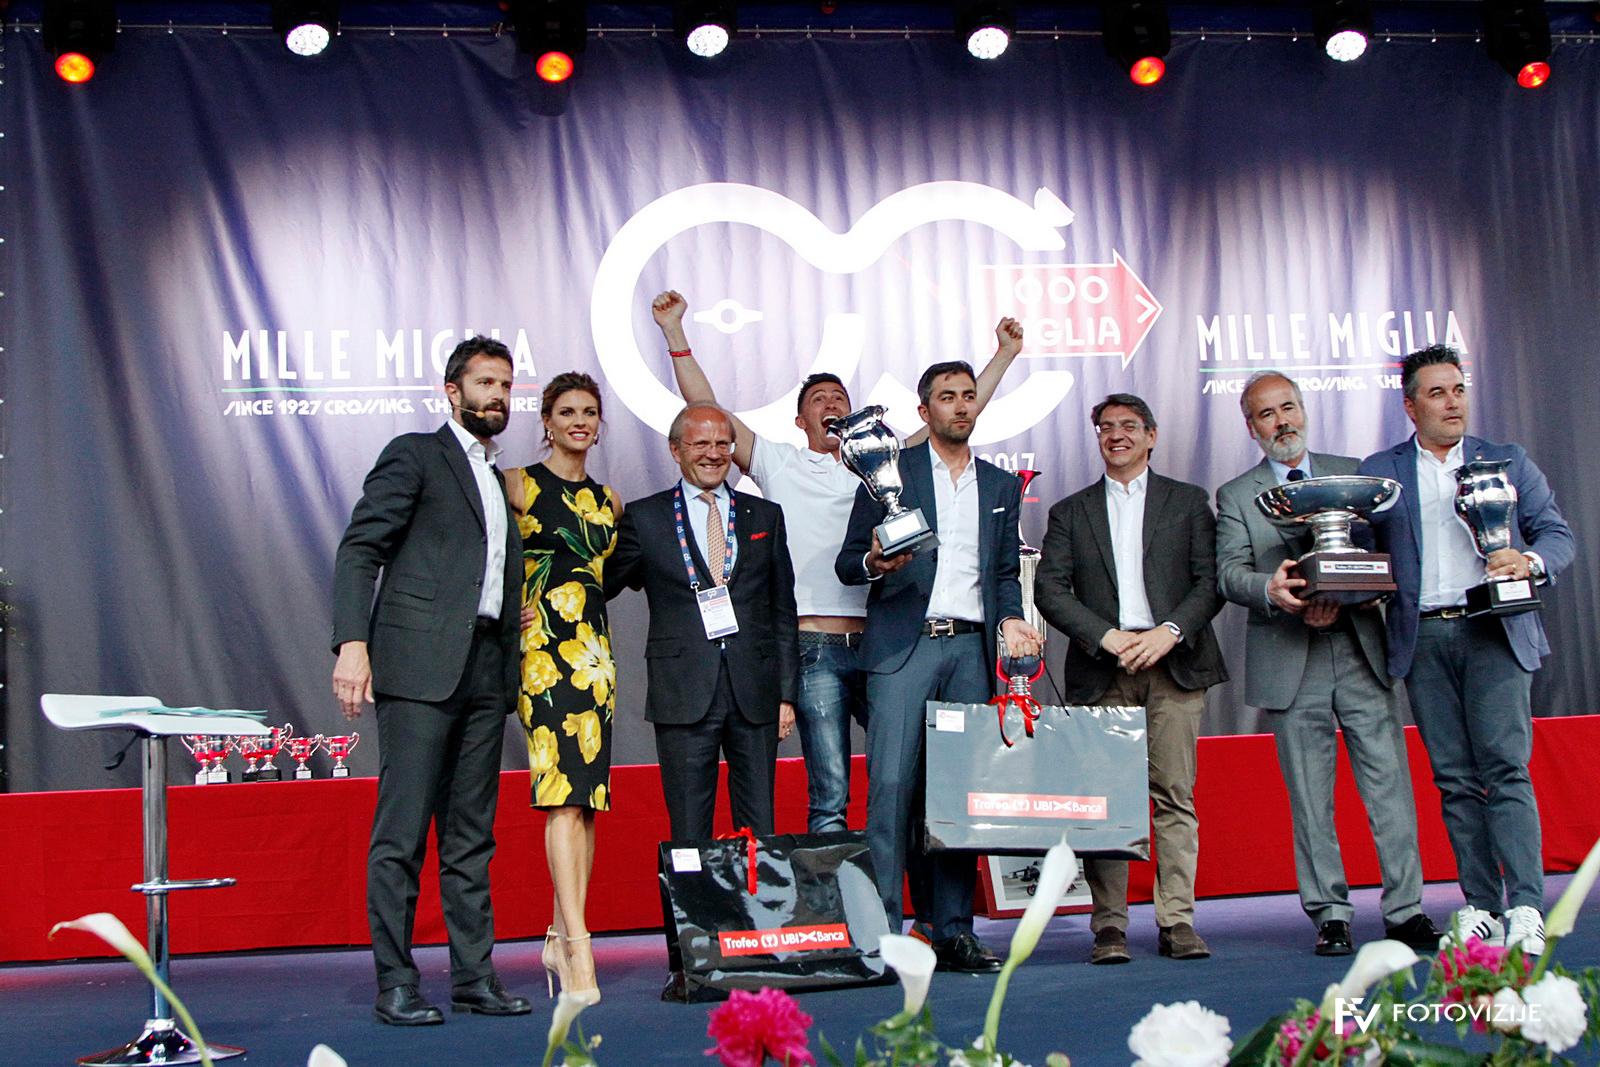 Slavnostna podelitev priznanj dirke Mille Miglia 2018